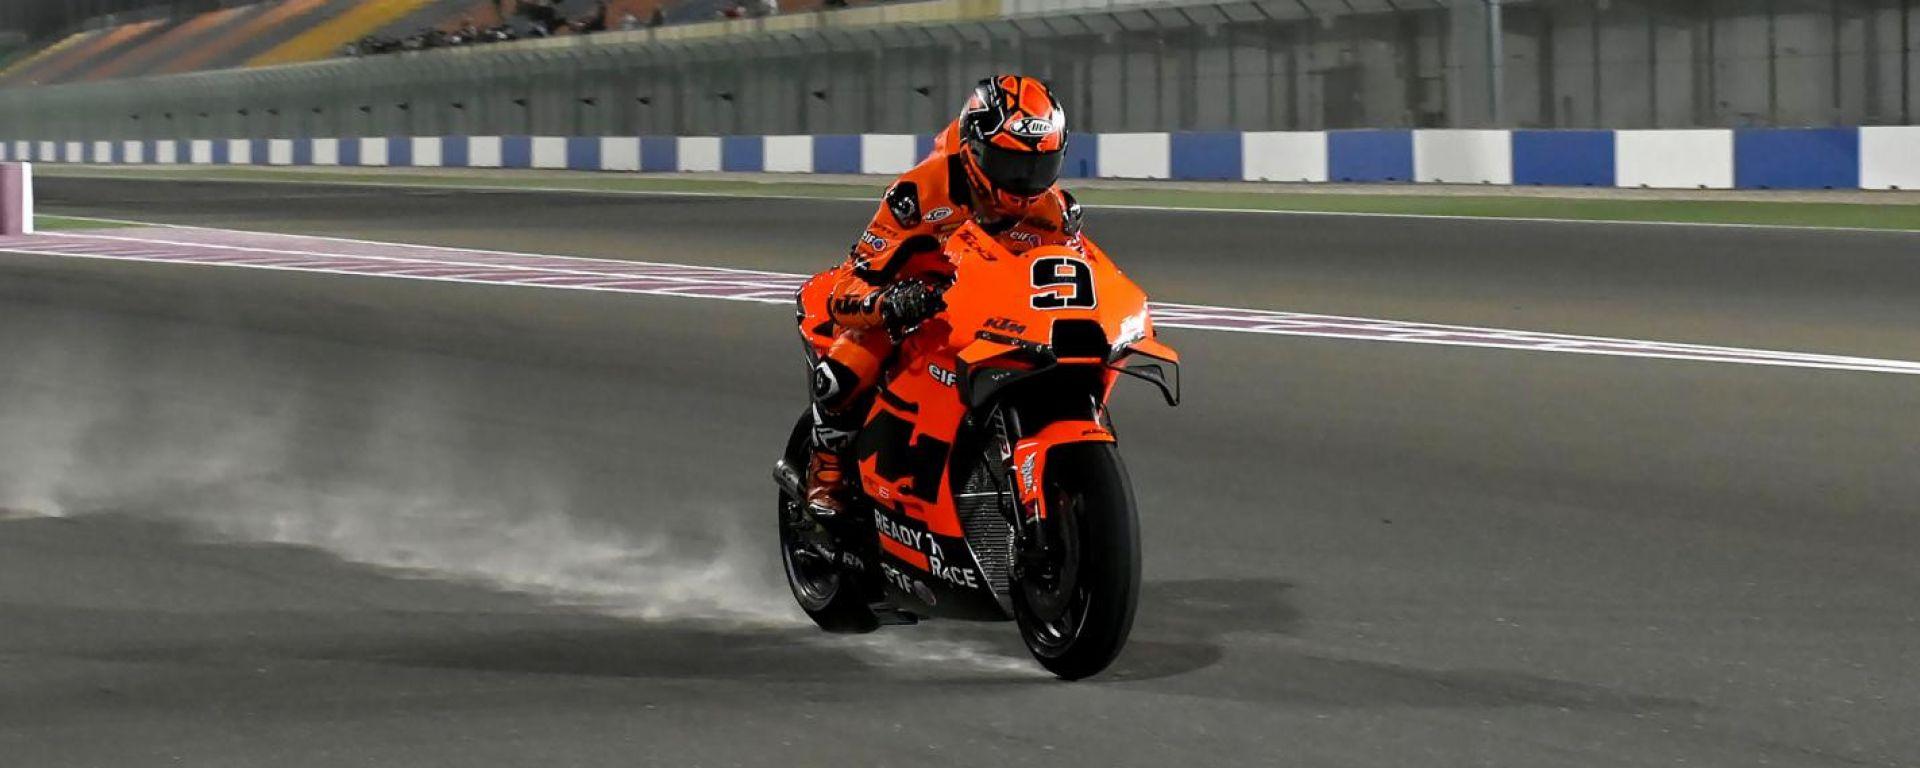 Danilo Petrucci (KTM)